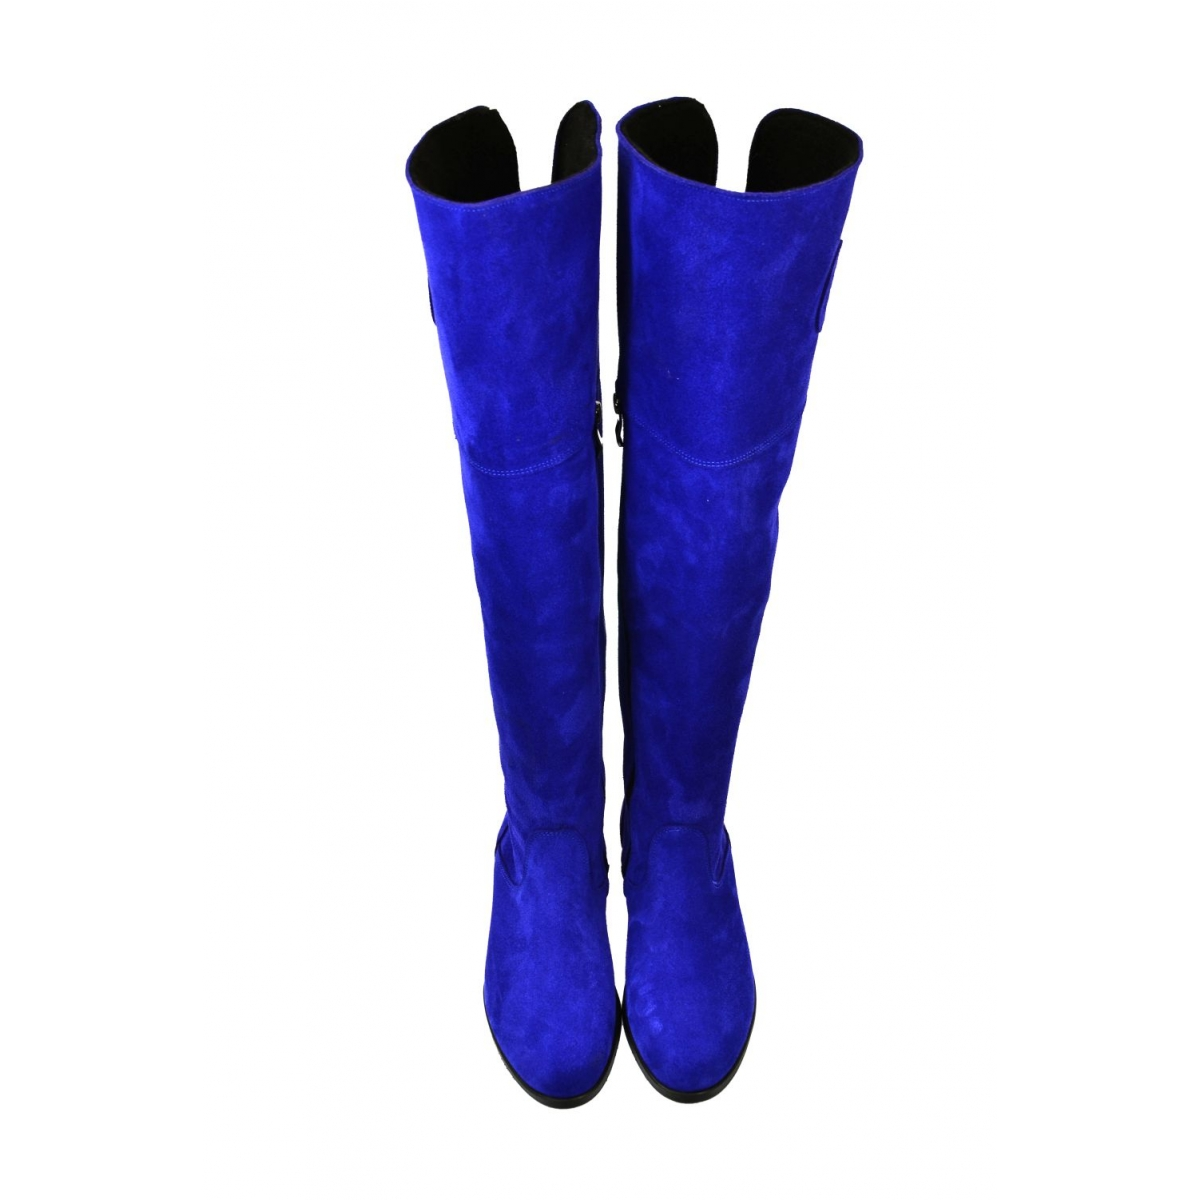 ed1db24a6d617 Dámske modré kožené čižmy LEOLA | Johnc.sk